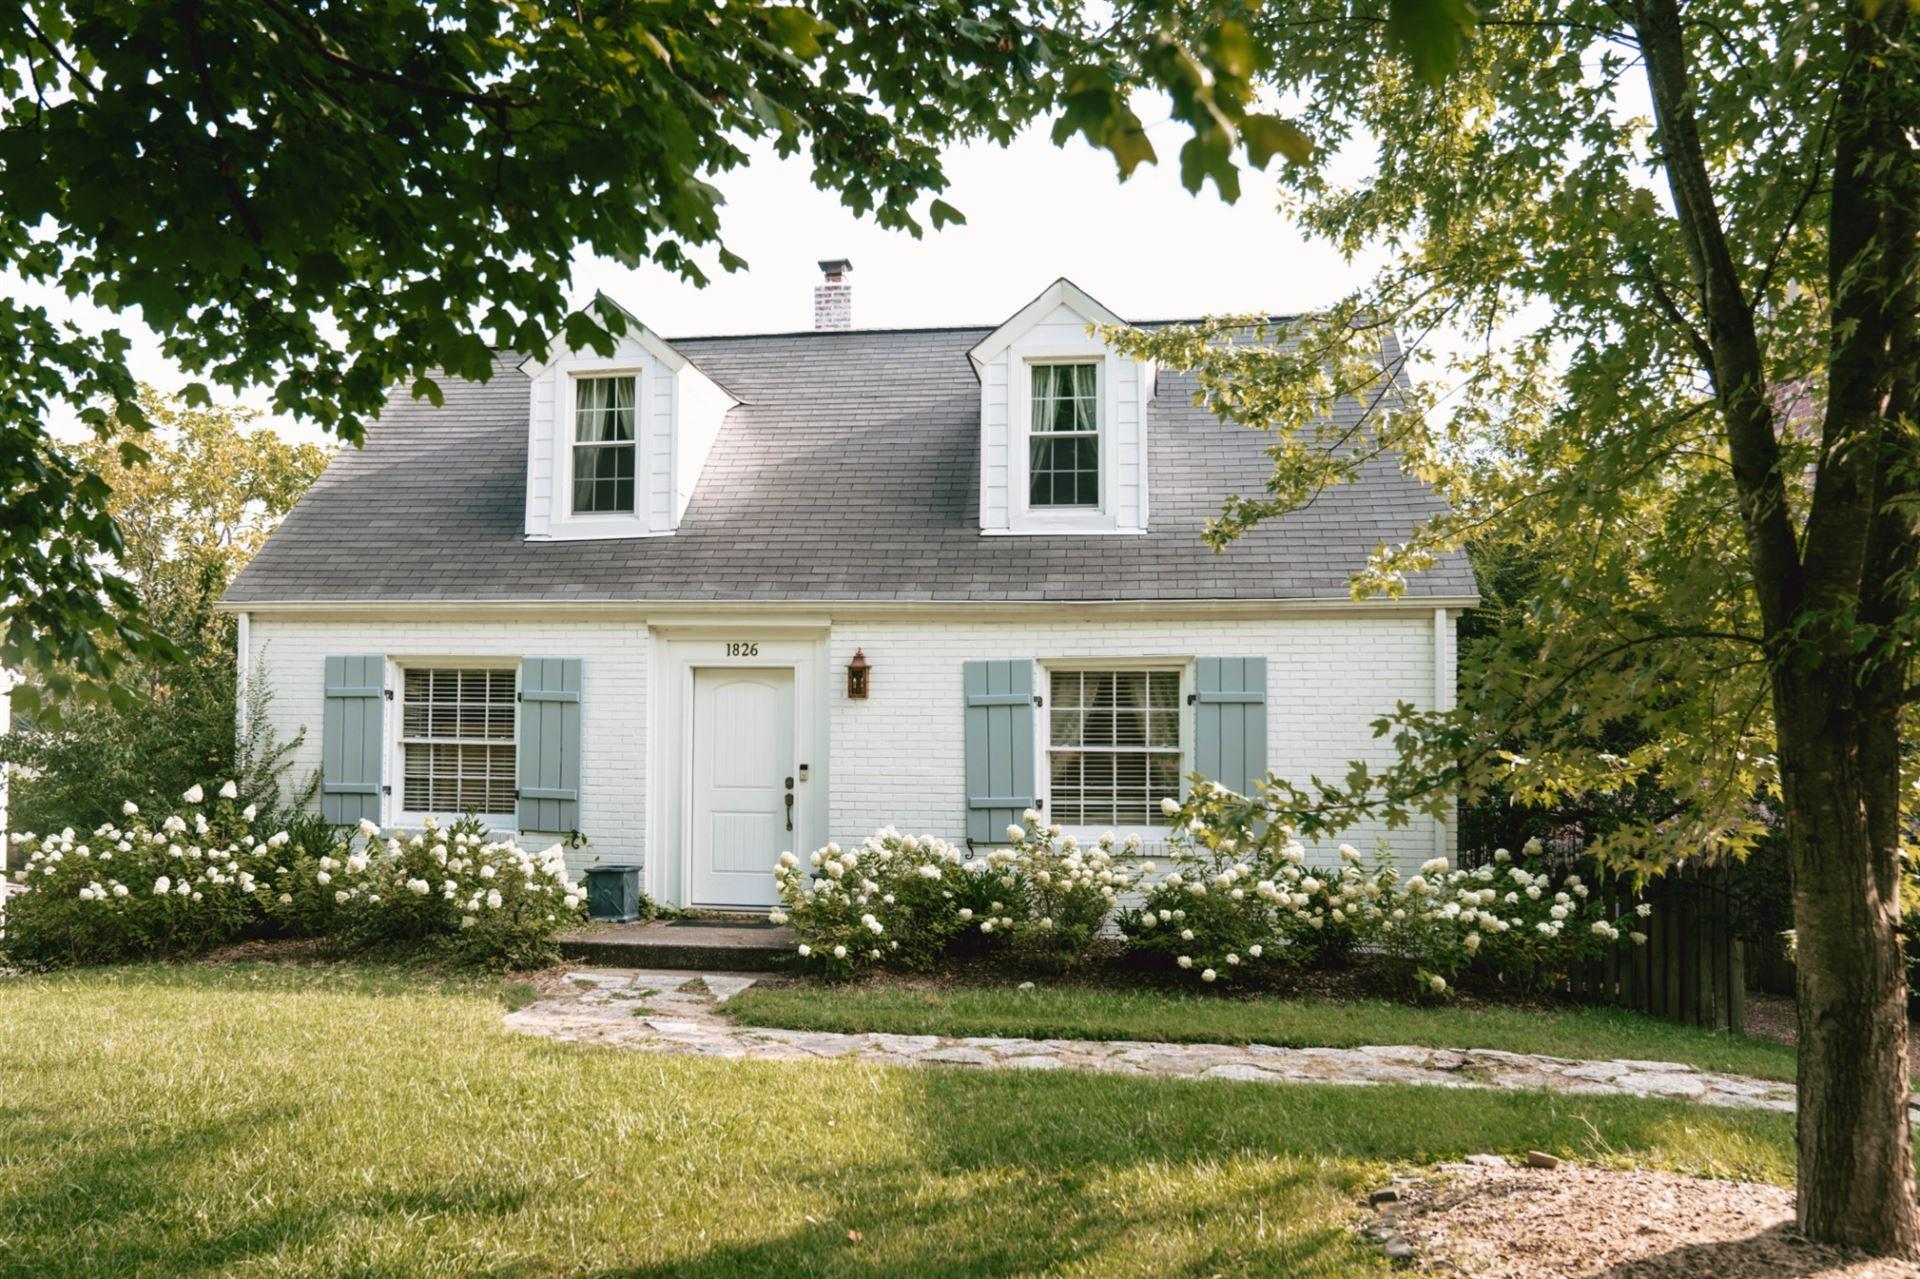 1826 Wildwood Ave, Nashville, TN 37212 - MLS#: 2275468